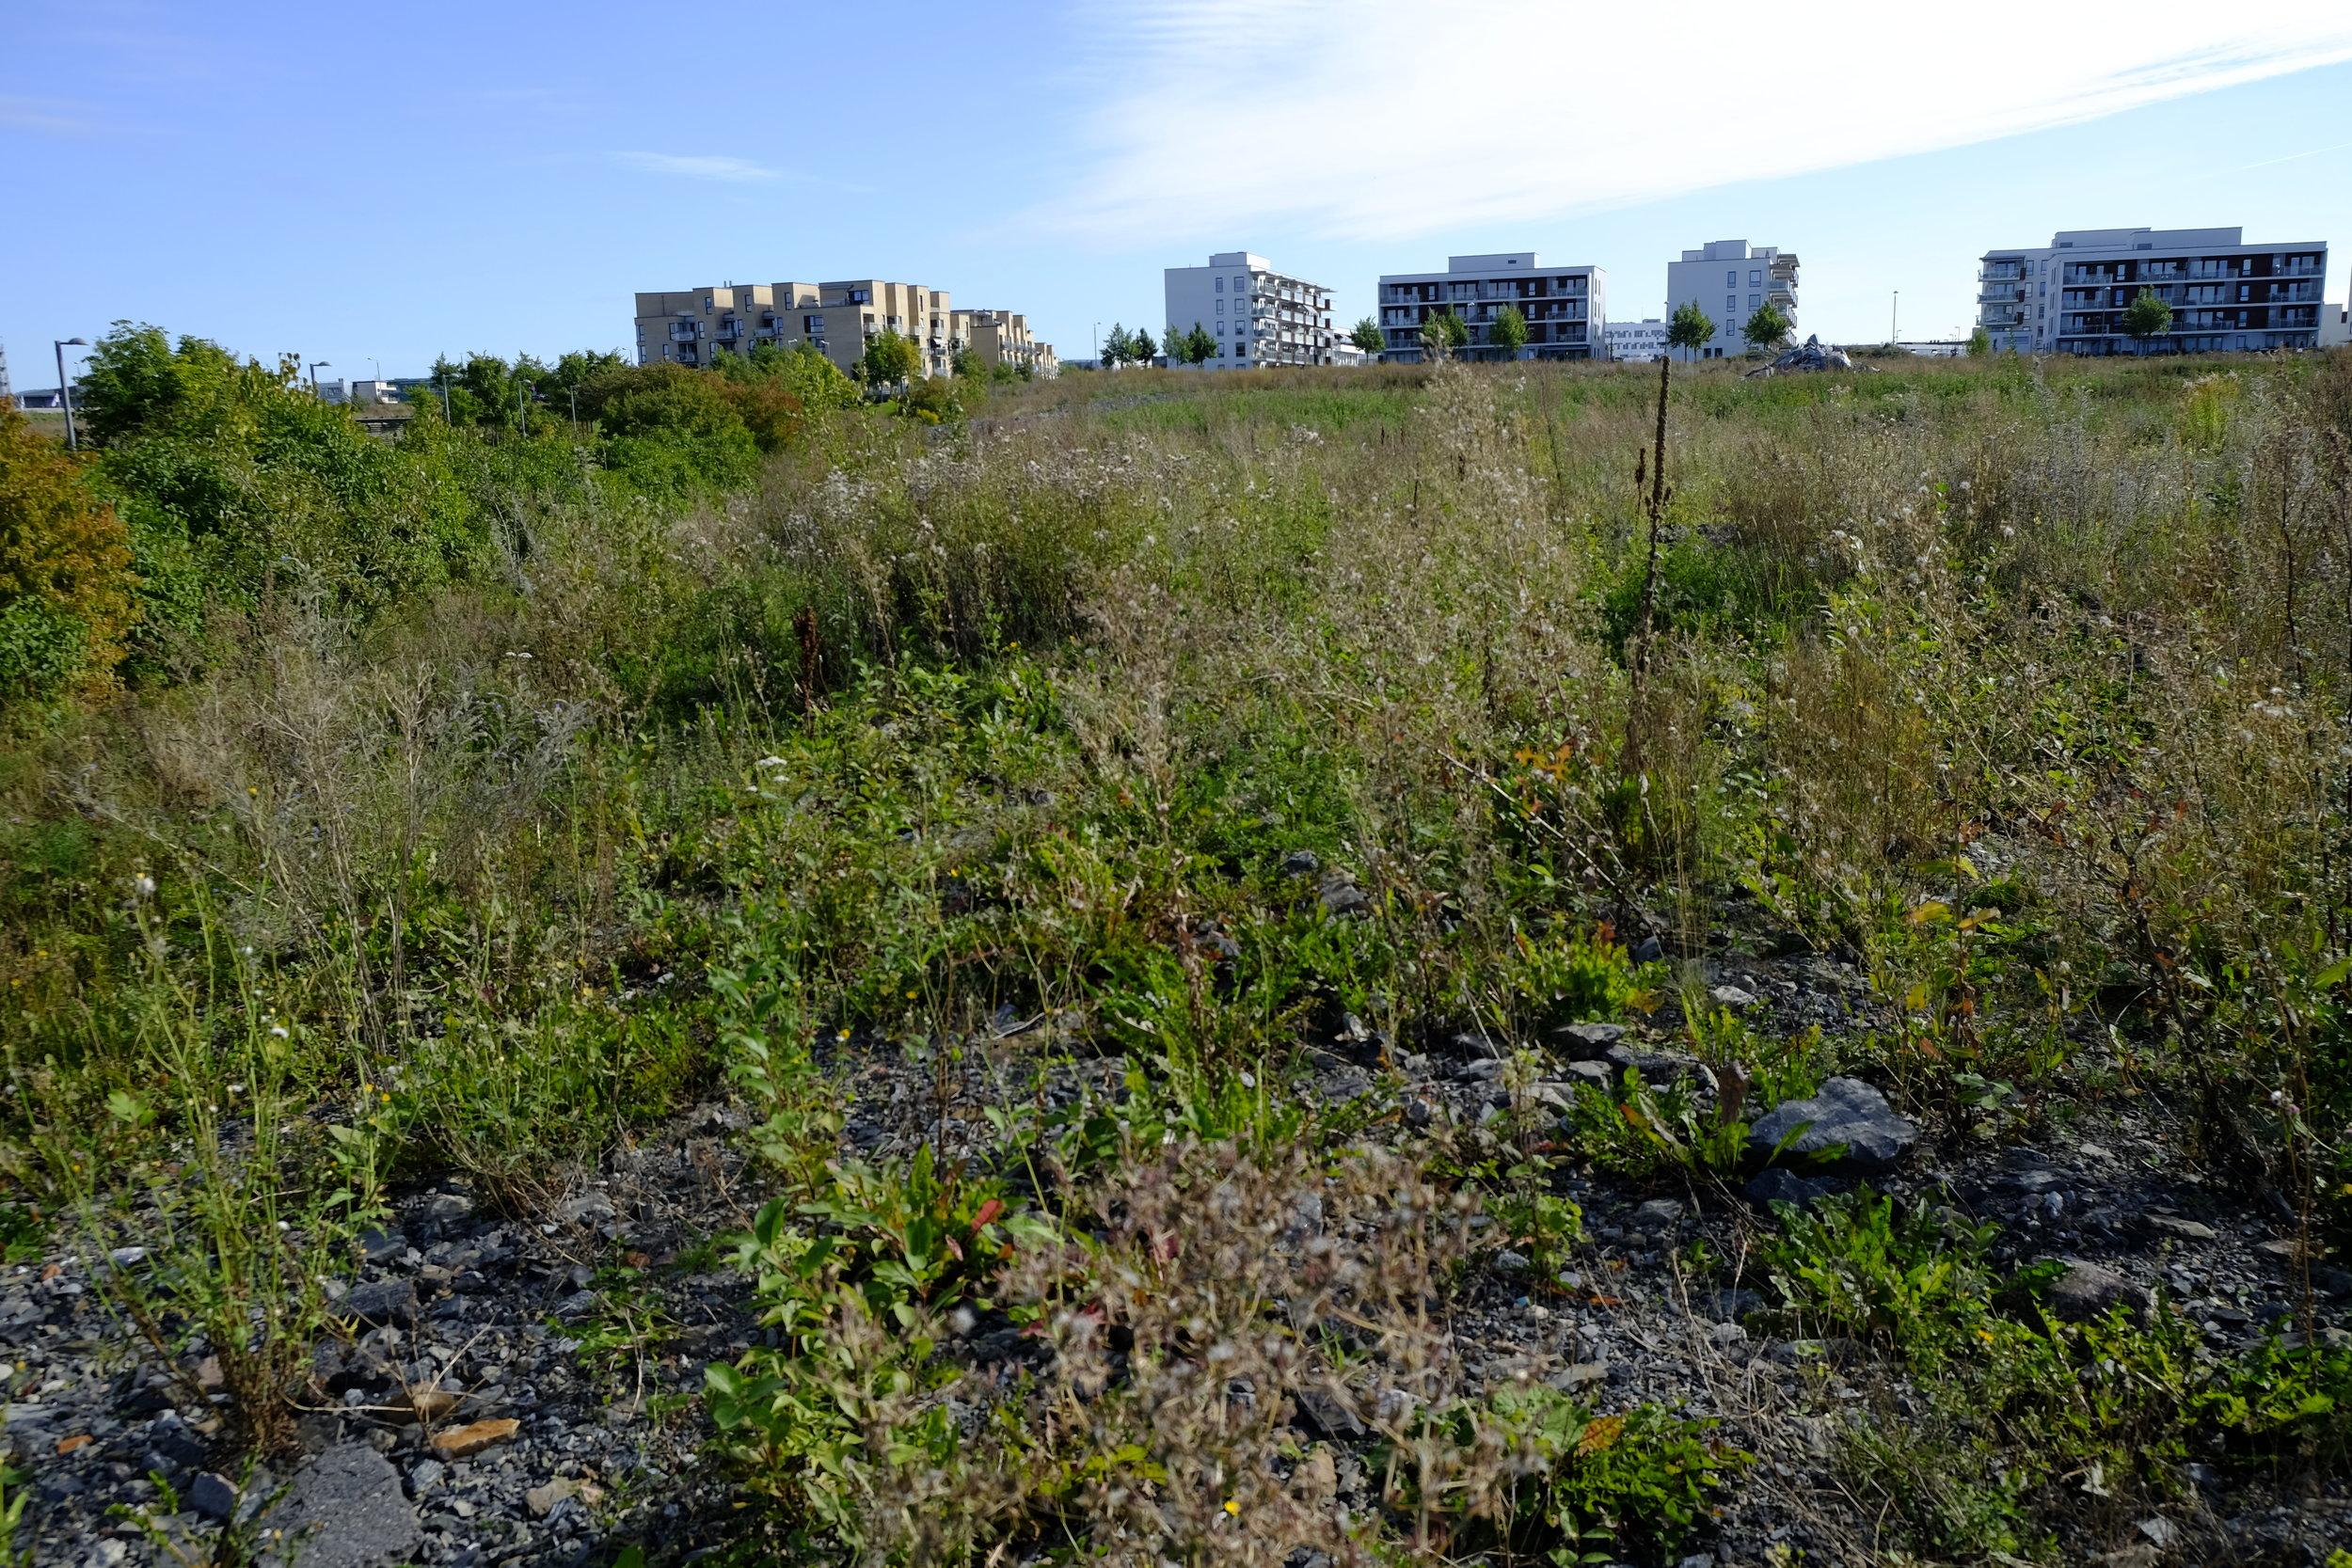 Et av områdene på Fornebu som fremdeles venter på å bli bygget ut. Foto: Kjersti B. Skjelbreid